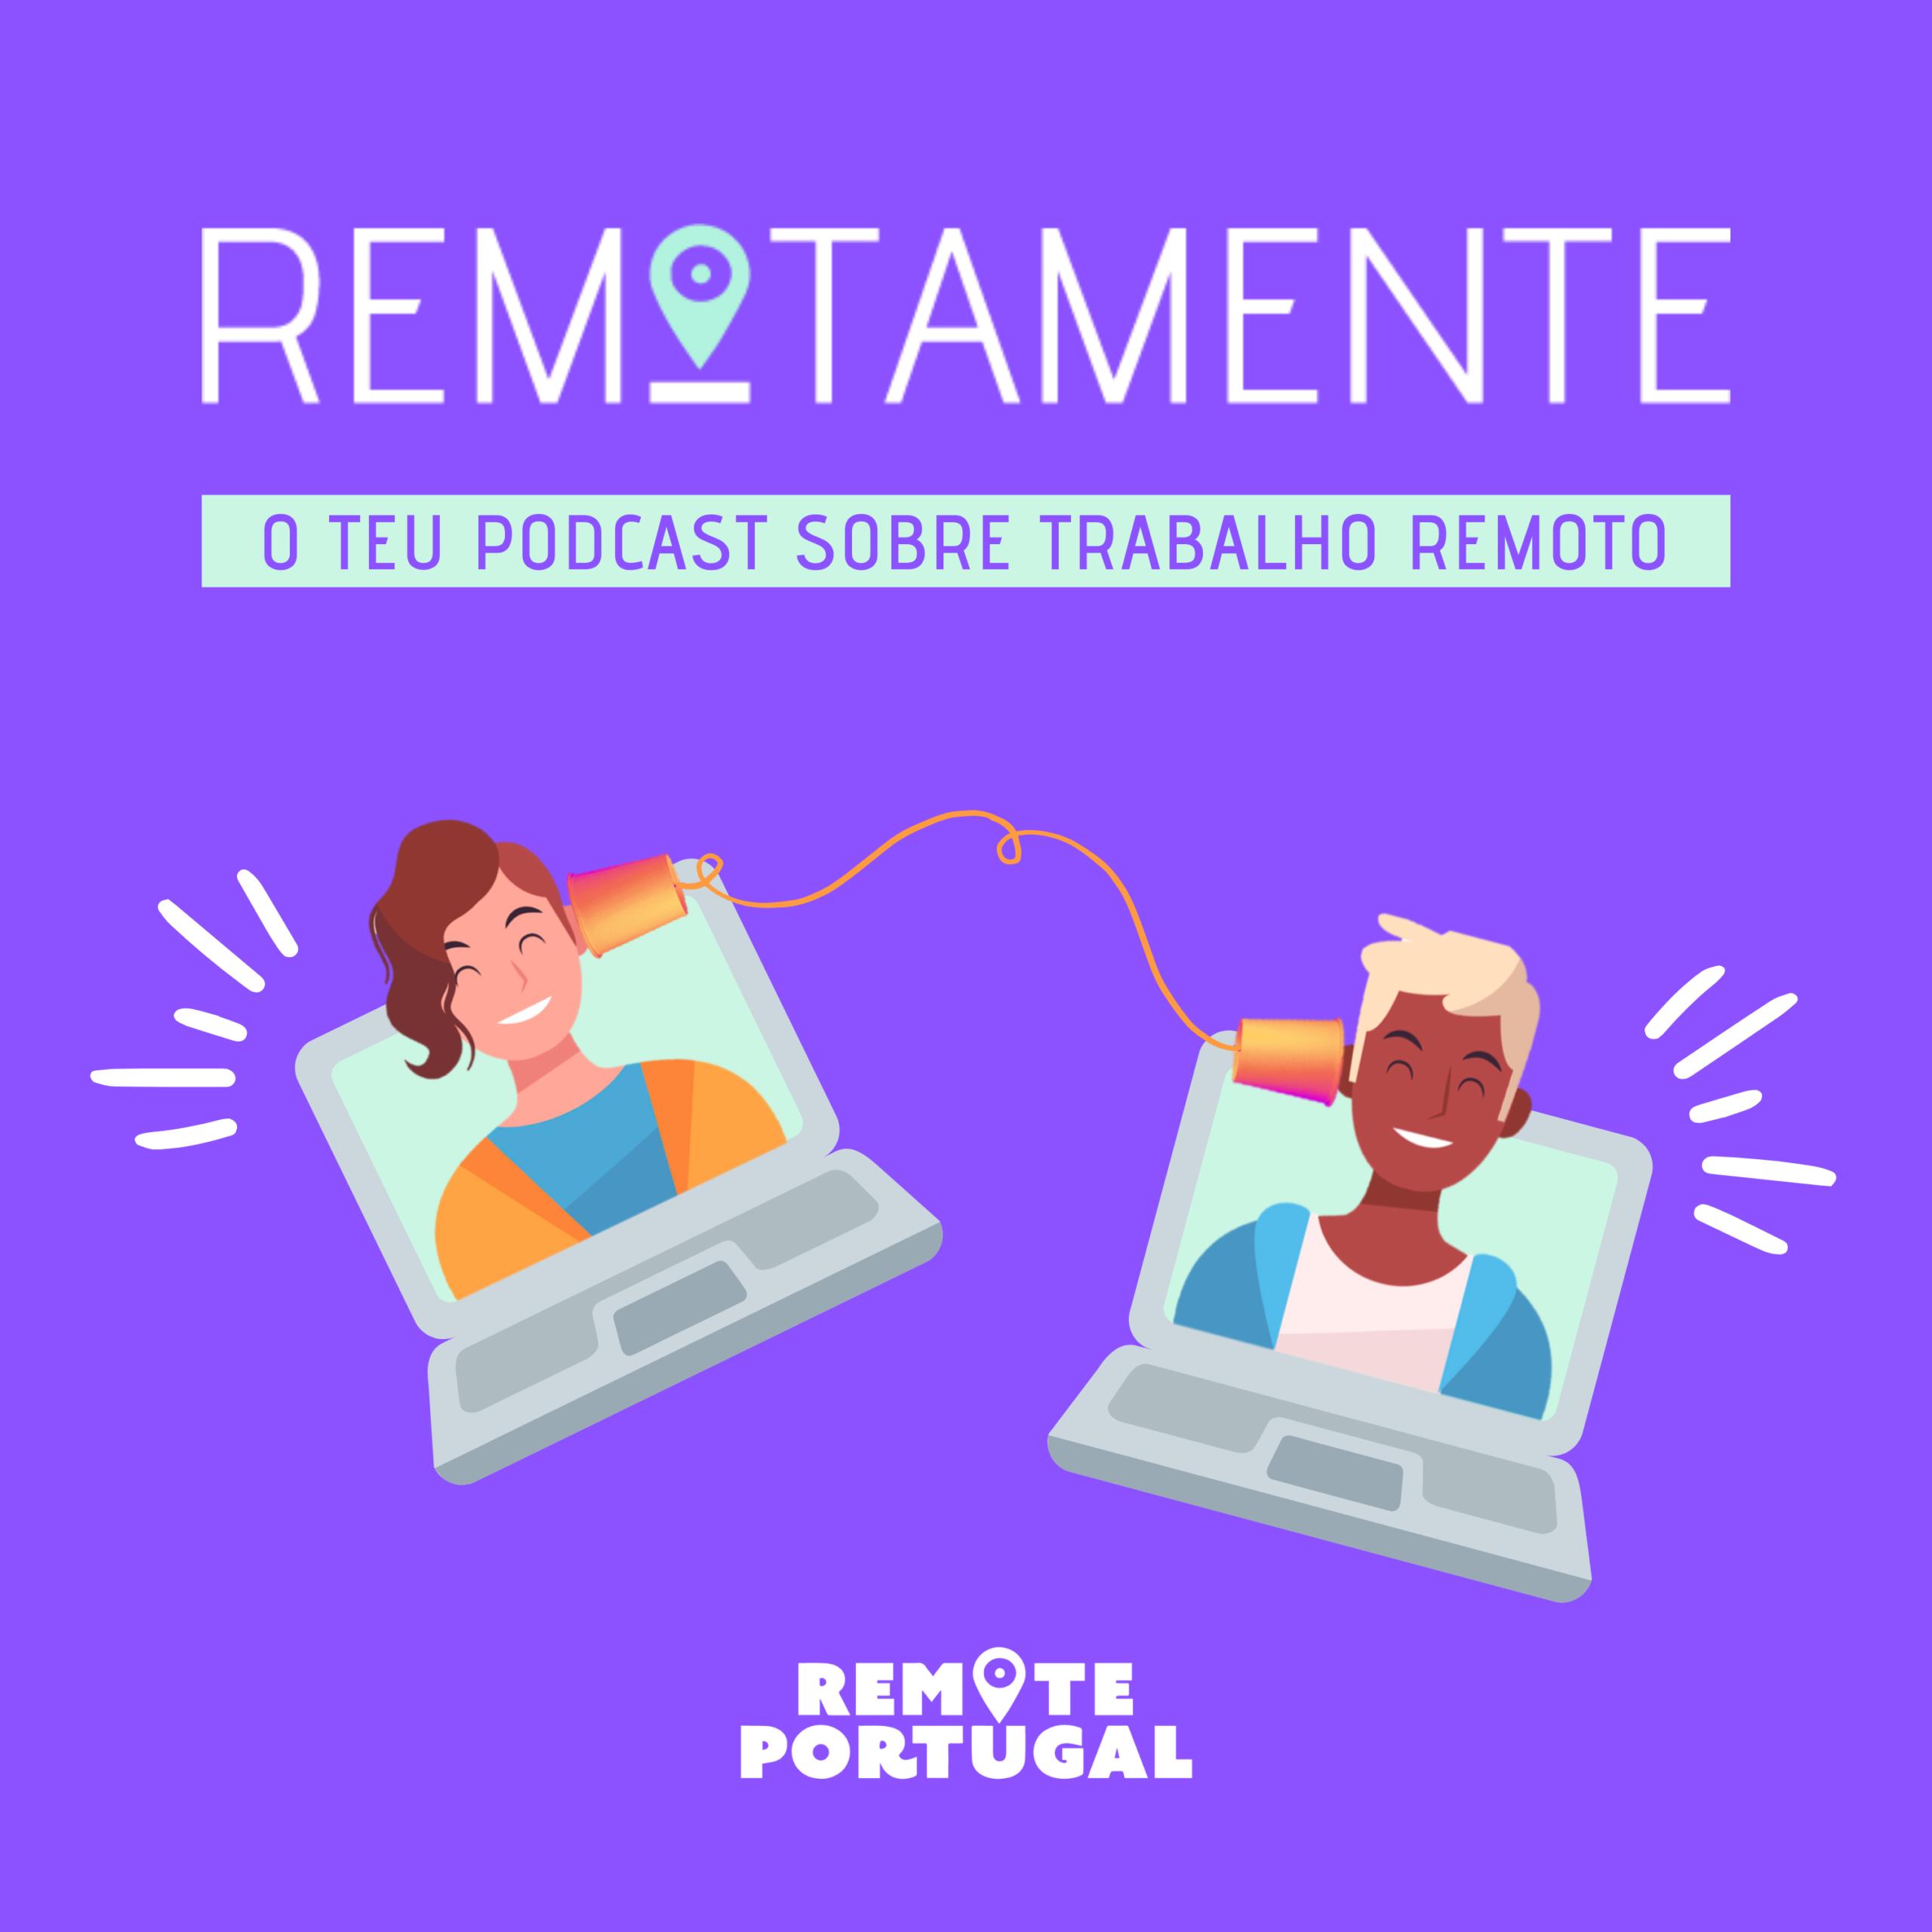 Podcast Remote Portugal